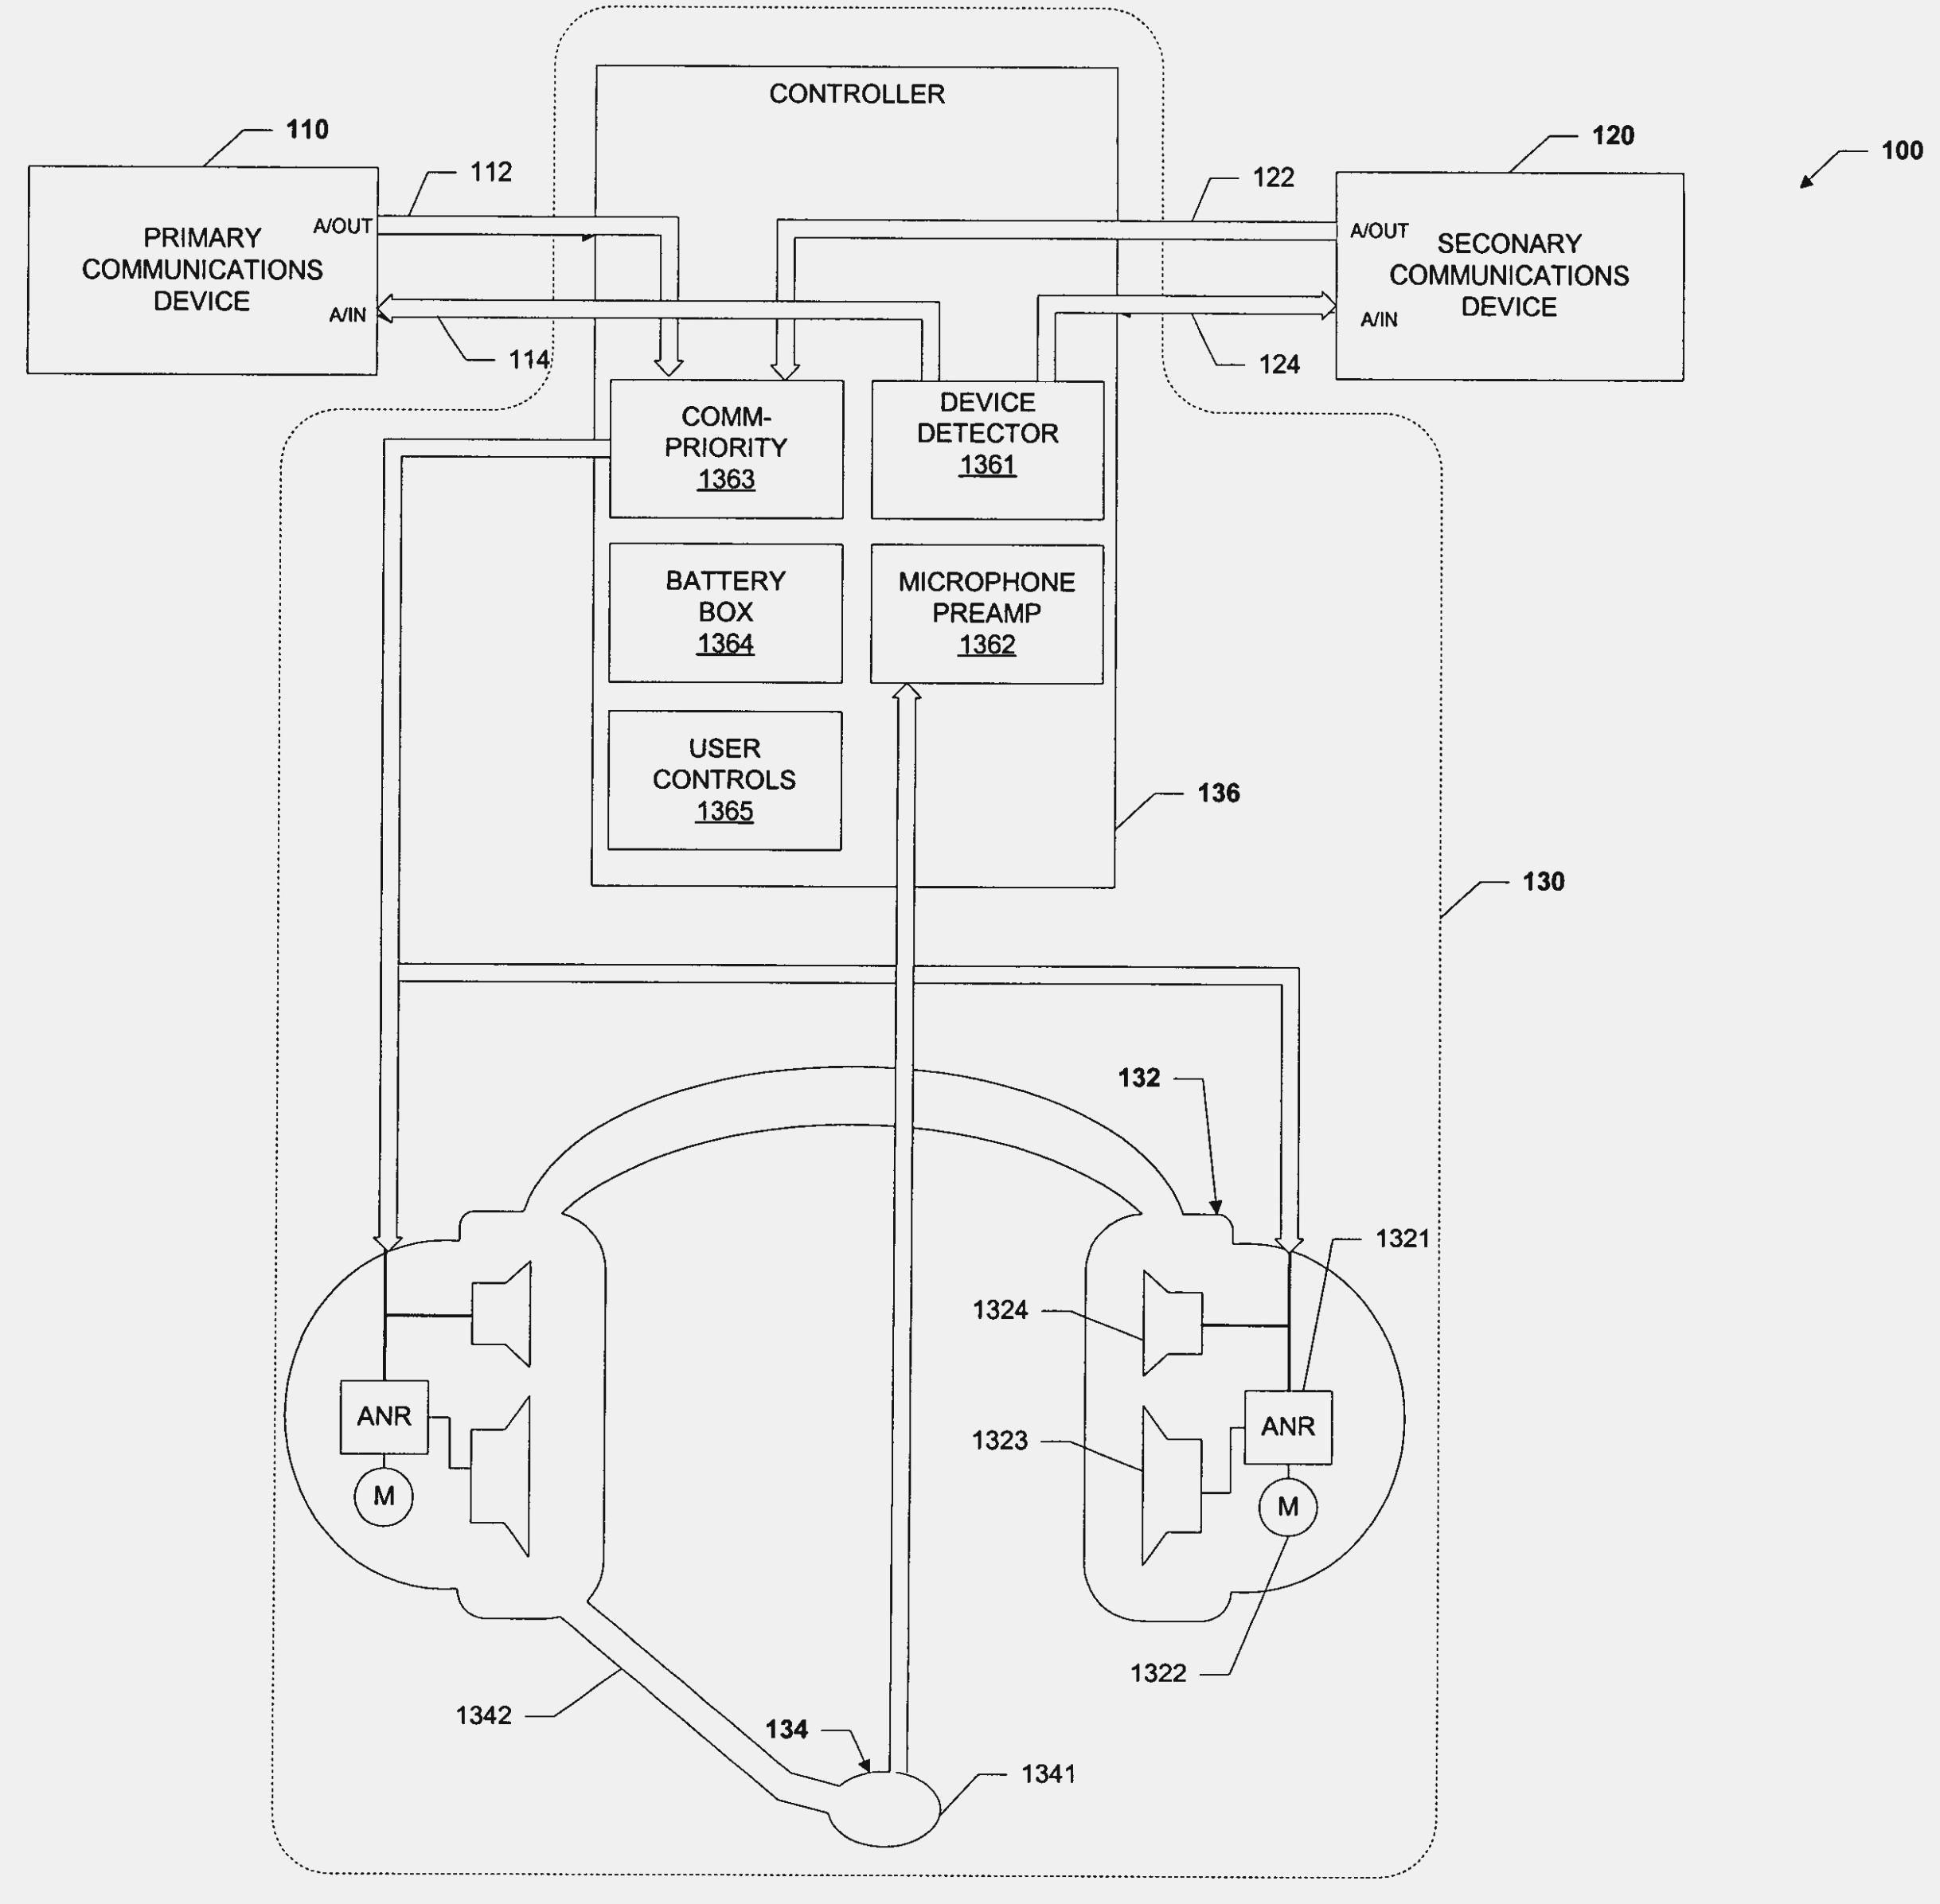 Headset Wiring Schematic   Wiring Diagram - Headphone Wiring Diagram